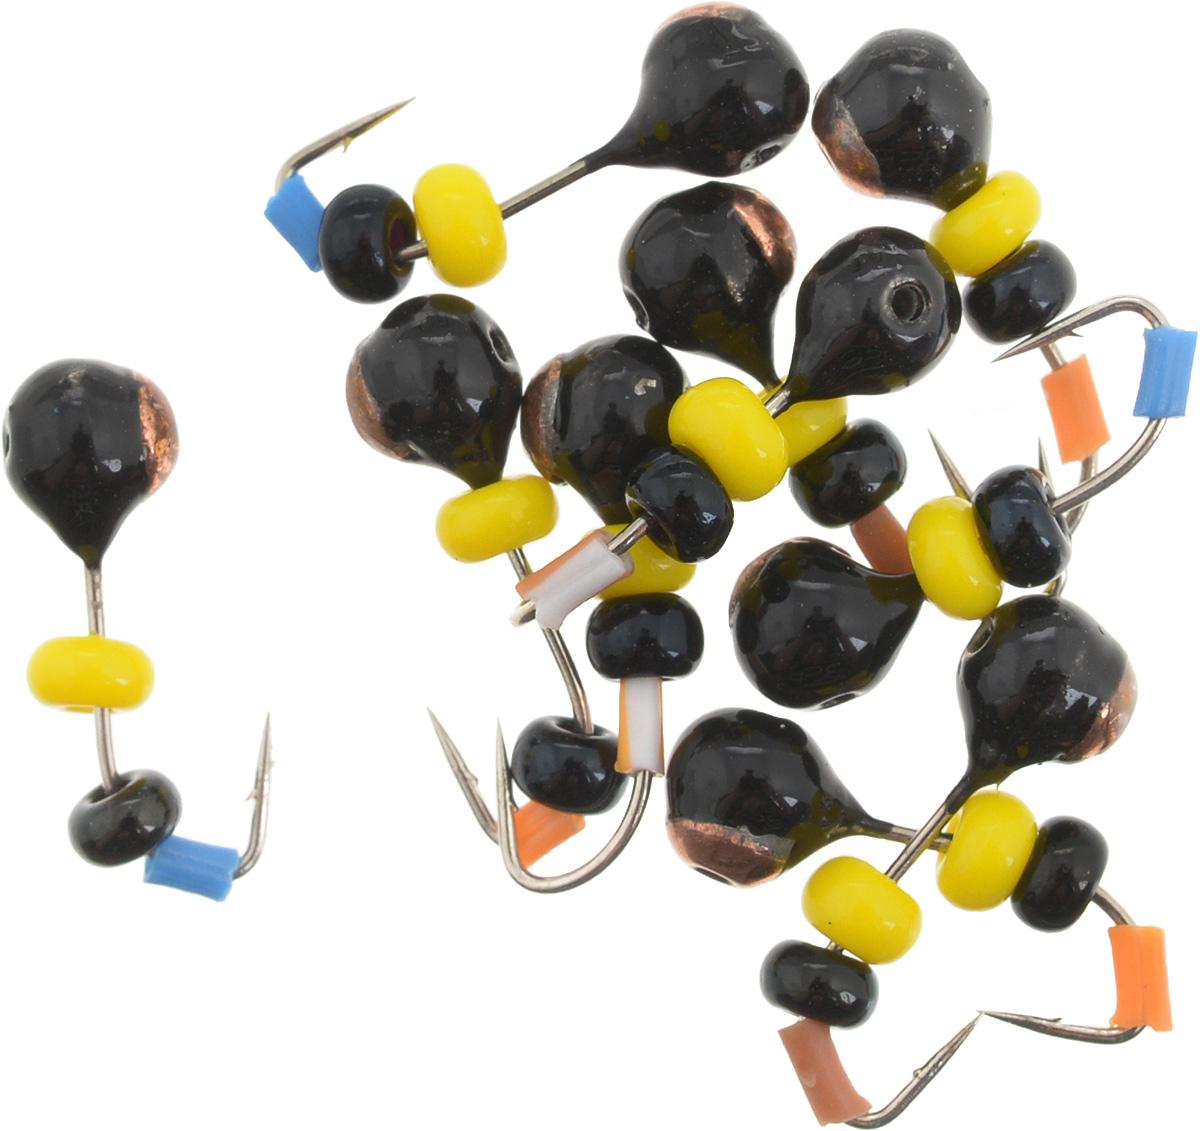 Мормышка вольфрамовая Dixxon Шар, с отверстием, с бисером, диаметр 3 мм, 0,35 г, 10 шт. 5940759407Мормышка Dixxon Шар изготовлена из вольфрама и оснащена крючком. Главное достоинство вольфрамовой мормышки - большой вес при малом объеме. Эта особенность дает большие преимущества при ловле, так как позволяет быстро погрузить приманку на требуемую глубину и лучше чувствовать игру мормышки. Подходит для подледной ловли.